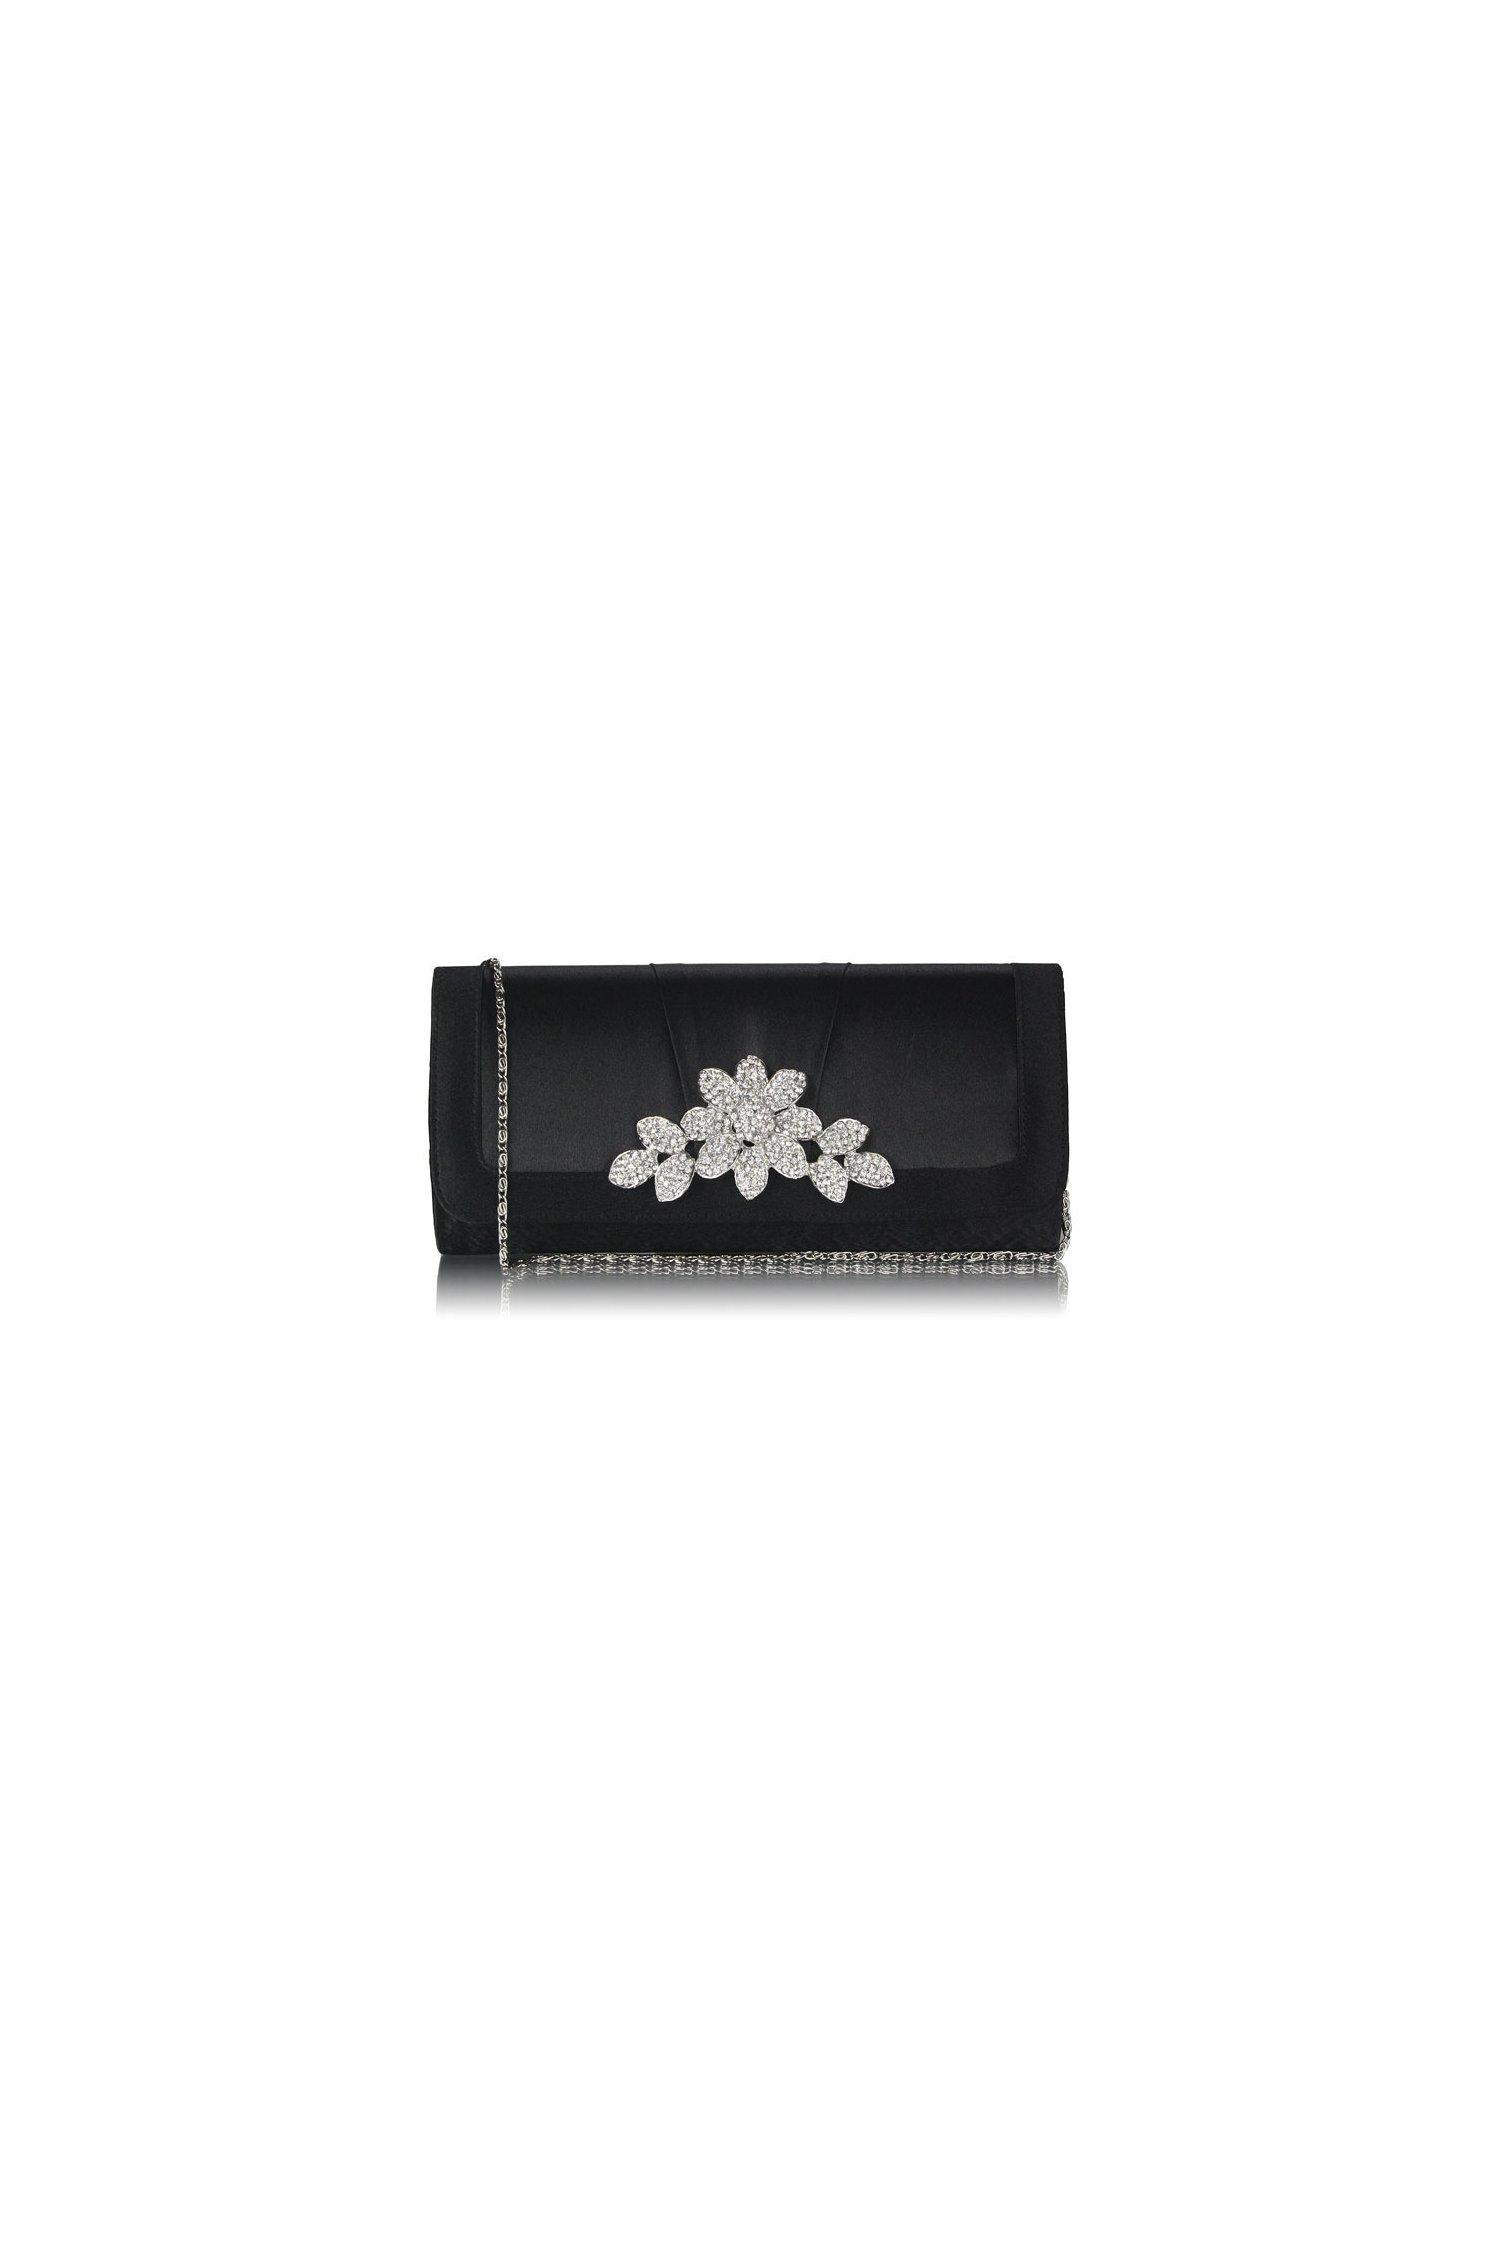 Clutch negru din satin cu accesoriu argintiu tip floare din strasuri stralucitoare